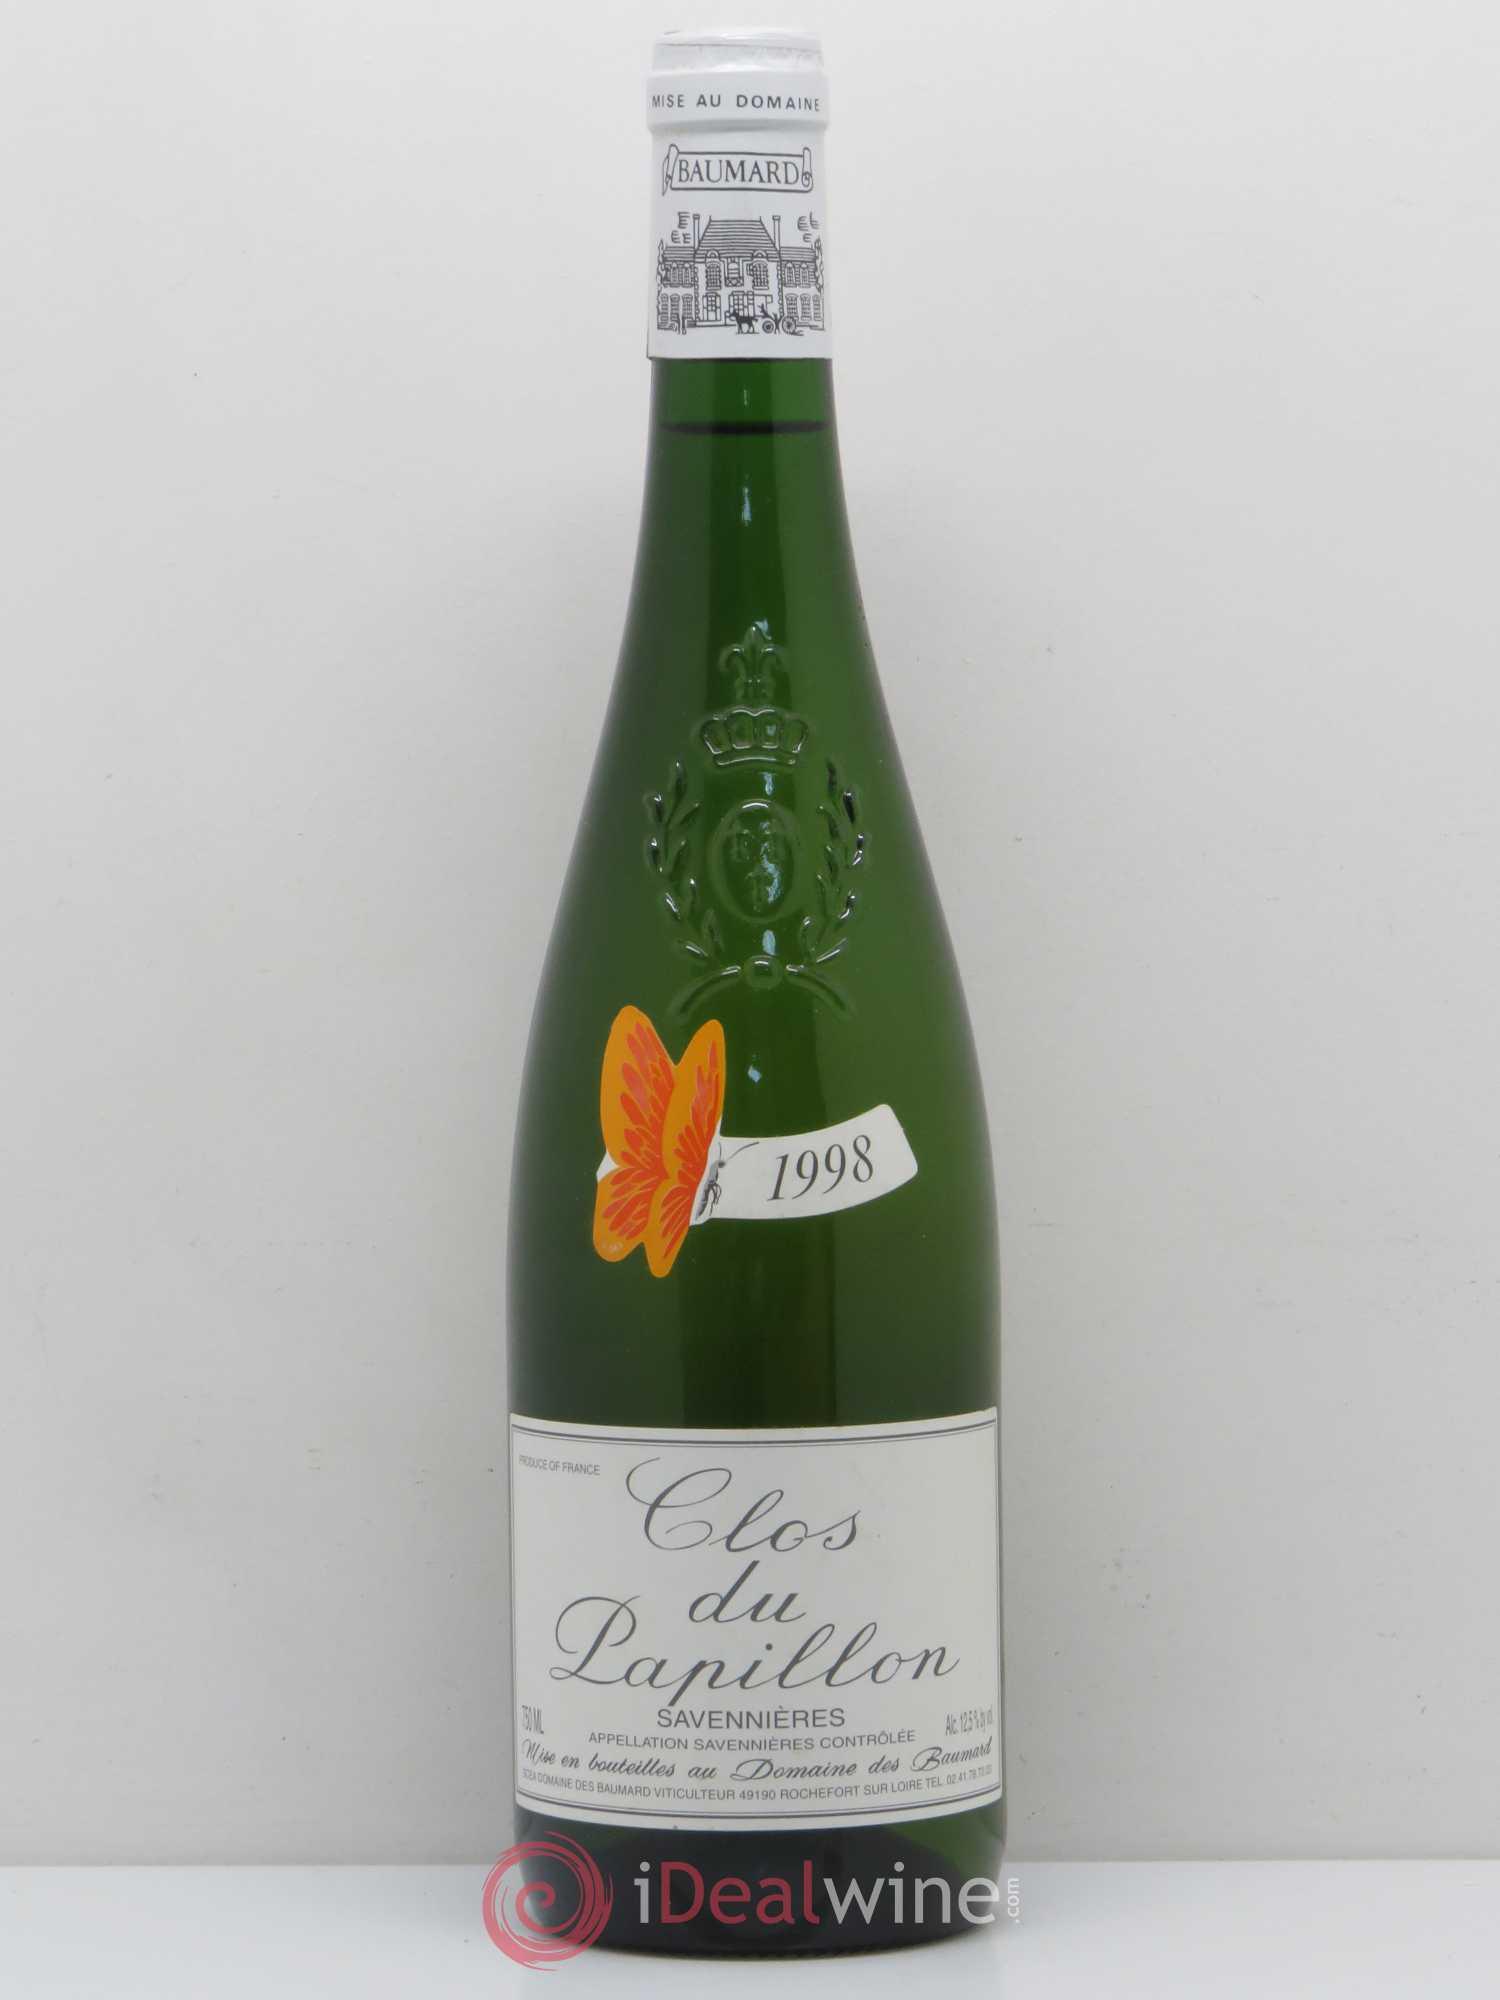 Buy Savennières Clos du Papillon Domaine des Baumard 1998 (lot: 2067)